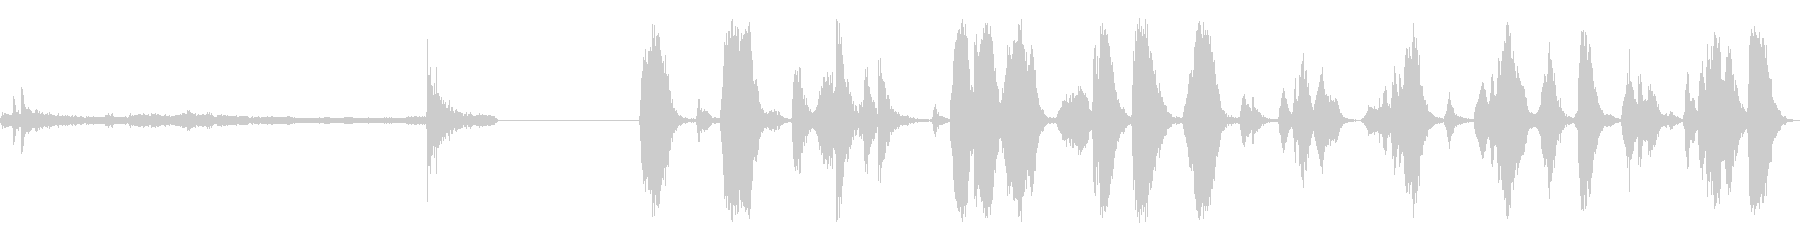 スモールメタルハッチ:ライトヒンジ...の未再生の波形